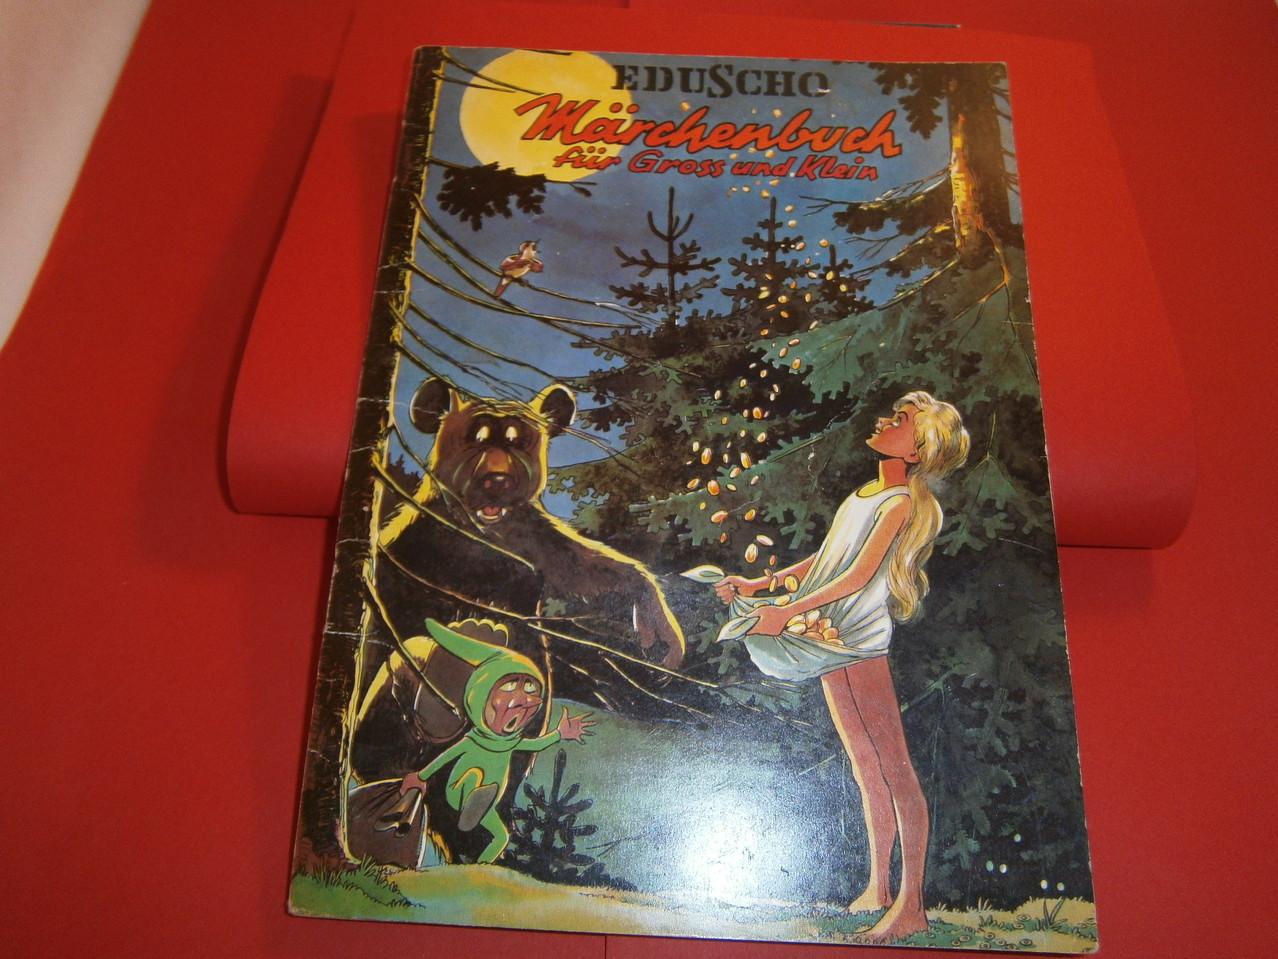 Eduscho Märchenbuch für Gross und Klein 1970